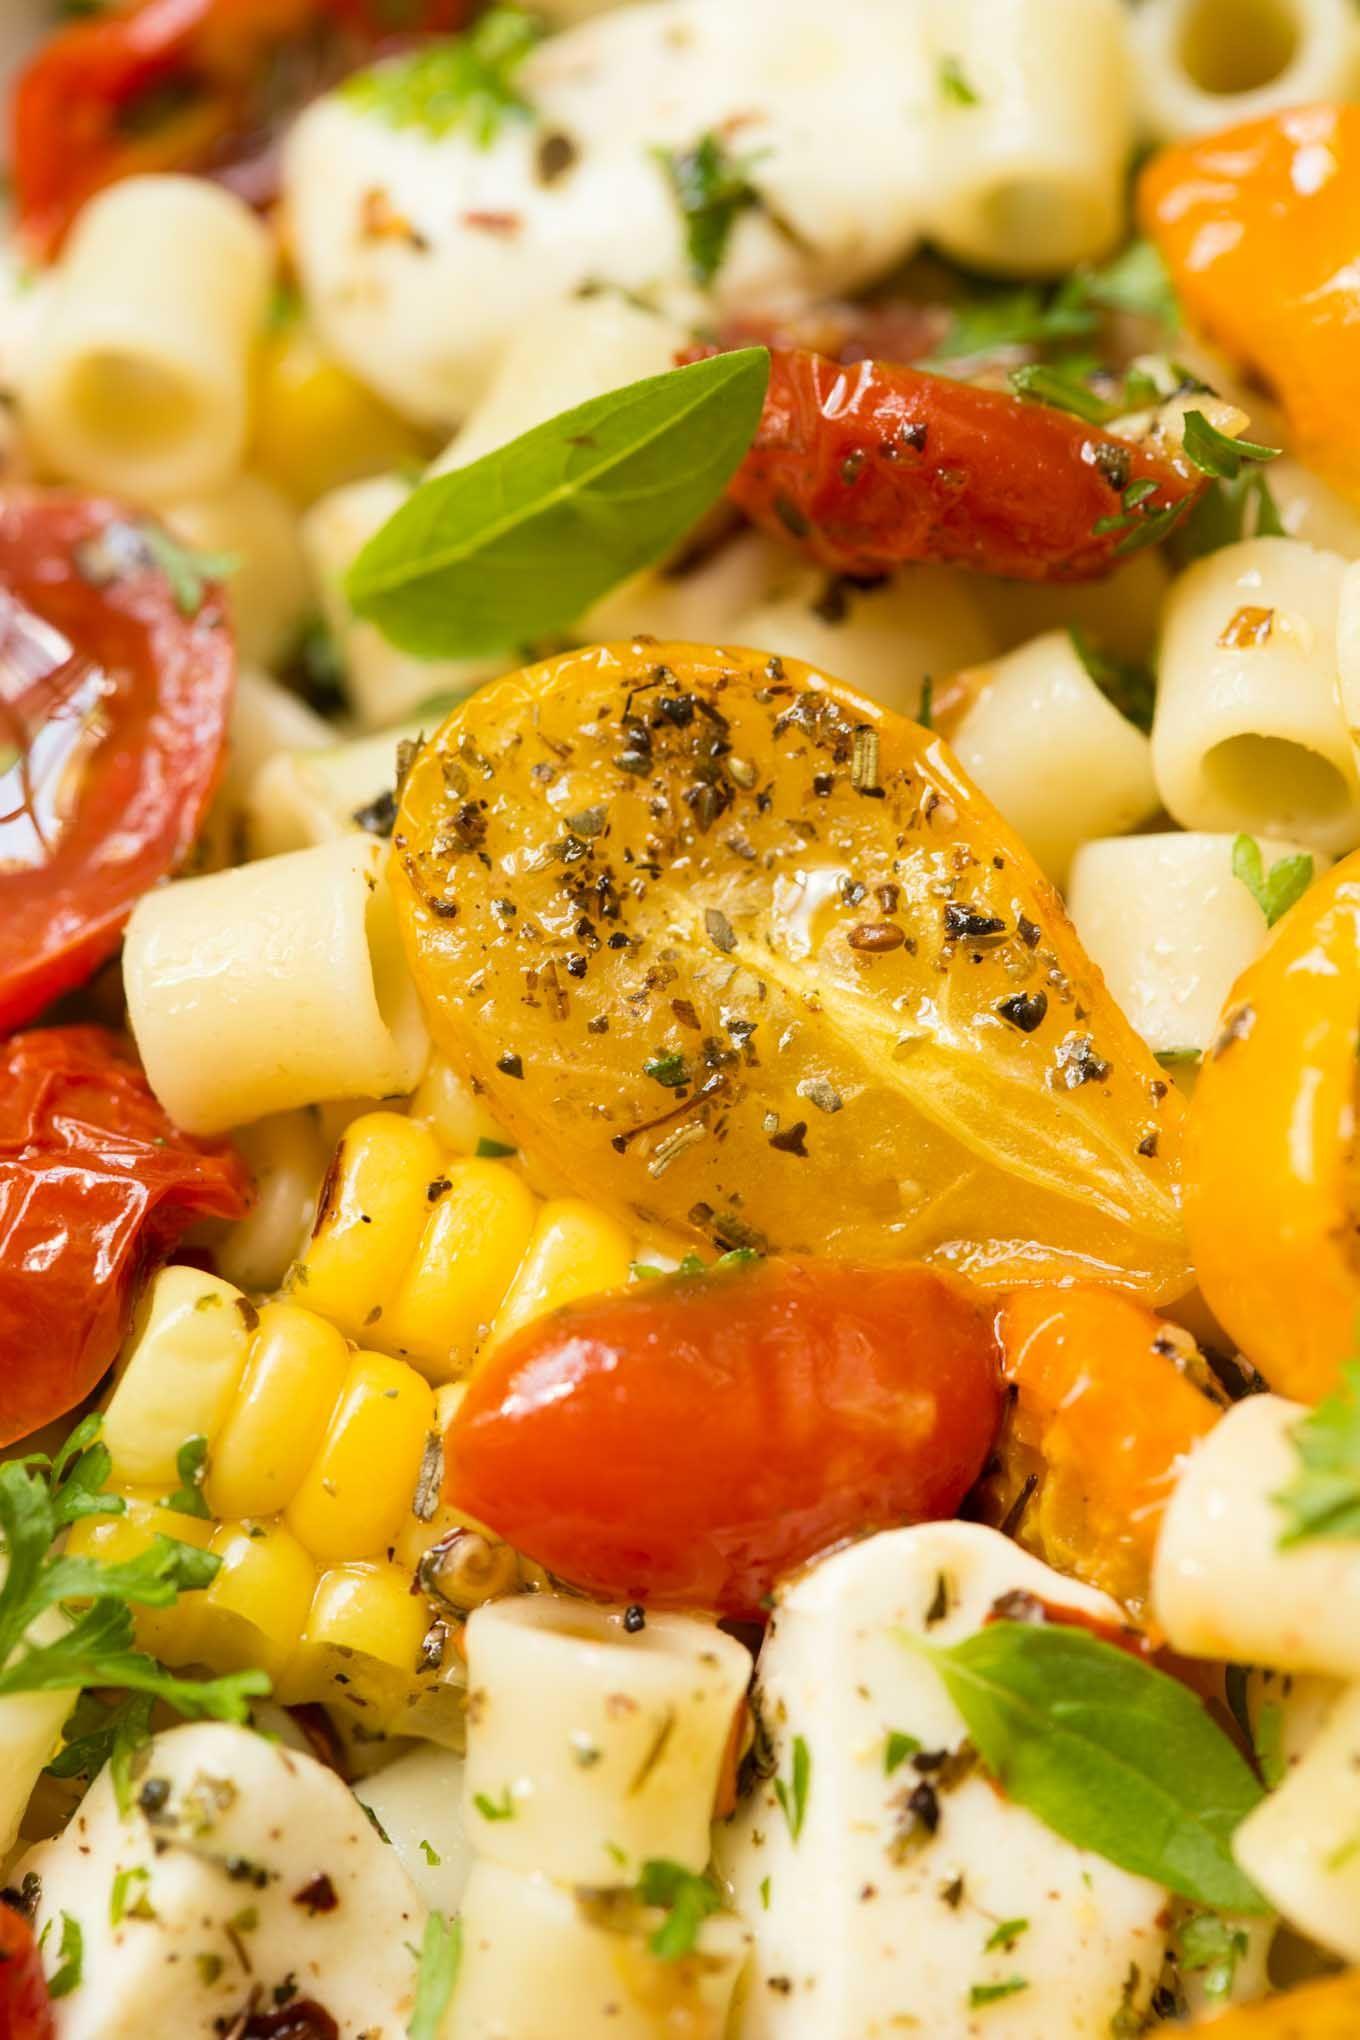 """Gebratene Tomaten und frischem Mozzarella Pasta - wenn diese köstliche Pasta-Gericht sprechen könnte, würde es """"Sommer"""" werden schreien!  Alle die besten Aromen der Saison eingewickelt in eine Schüssel auf!"""